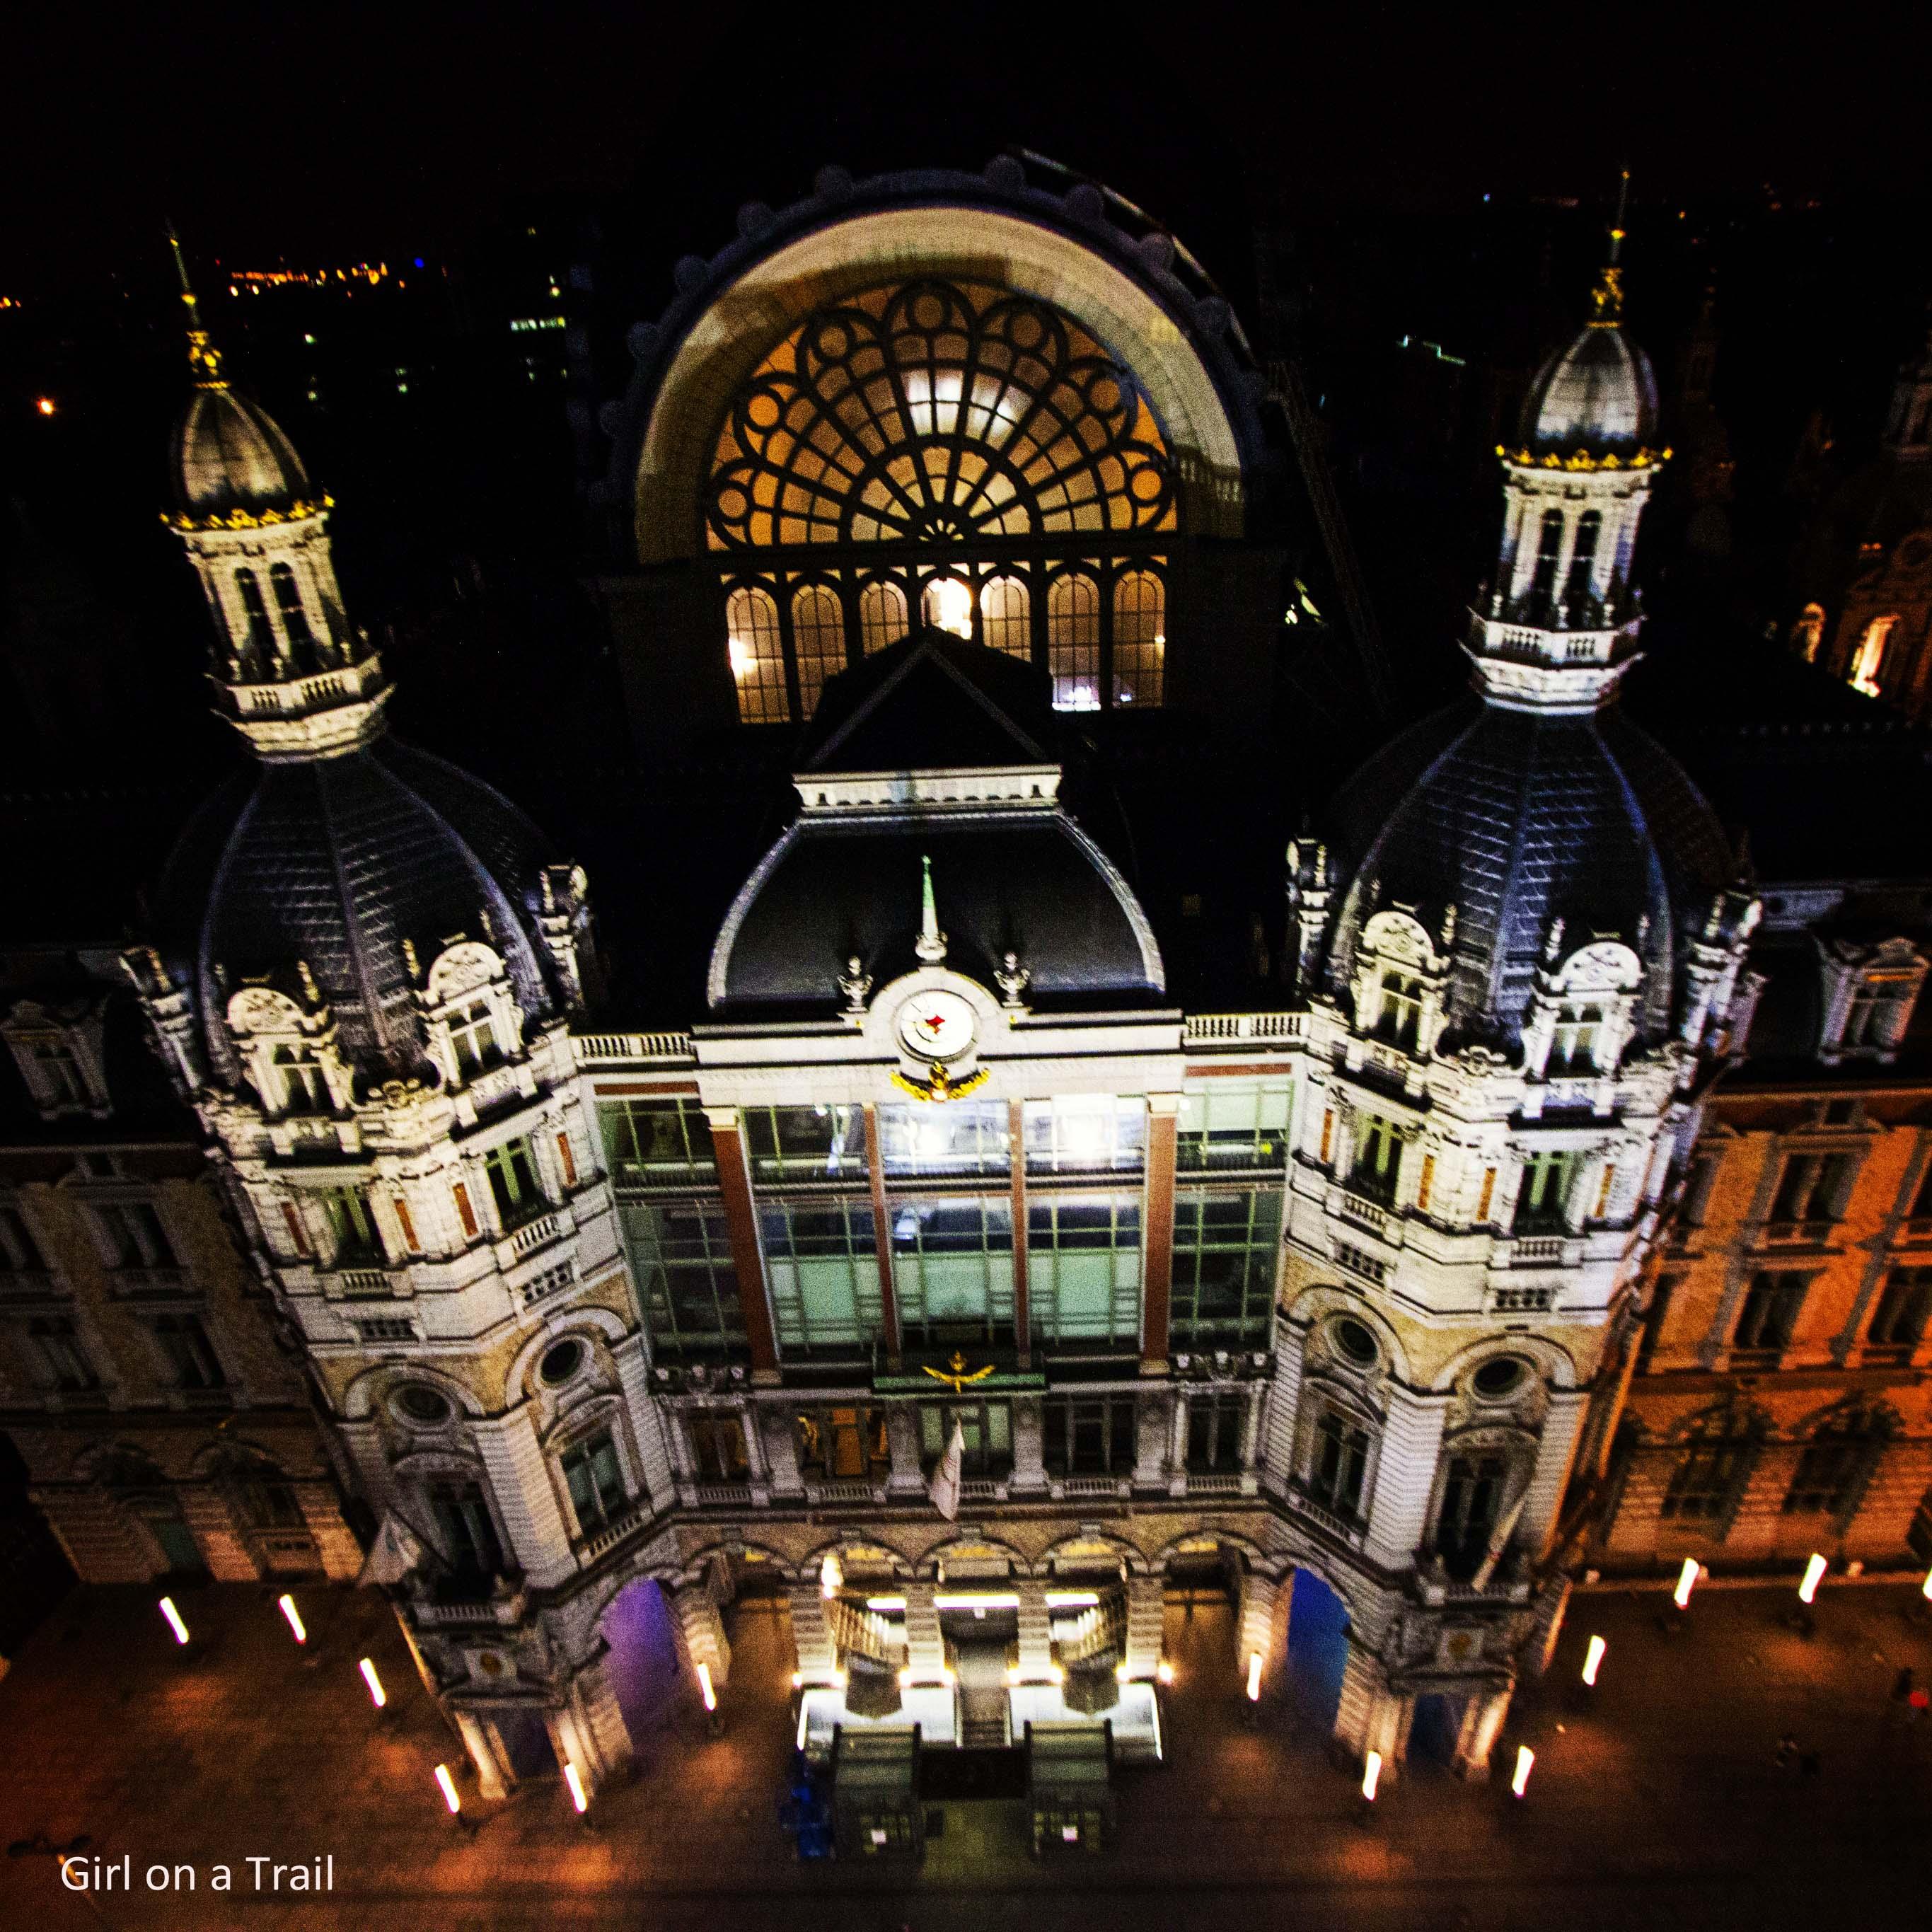 Antwerpia/ Antwerp